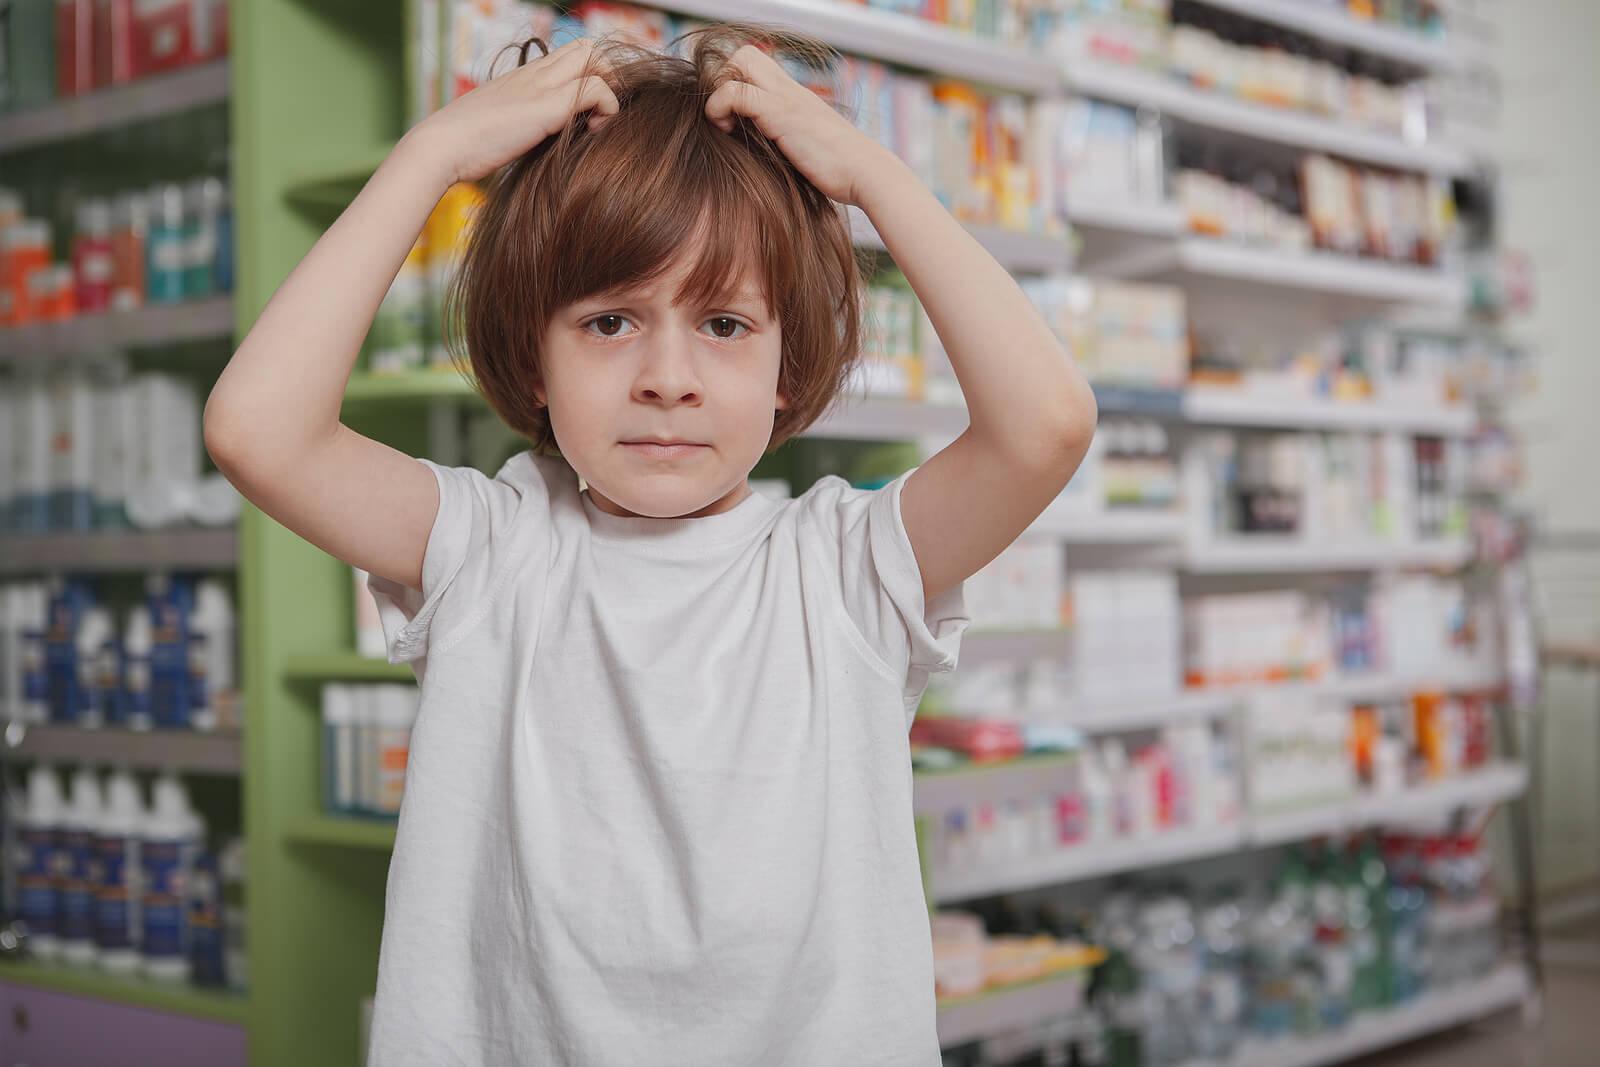 Niño con picor en la cabeza porque sufre pediculosis.